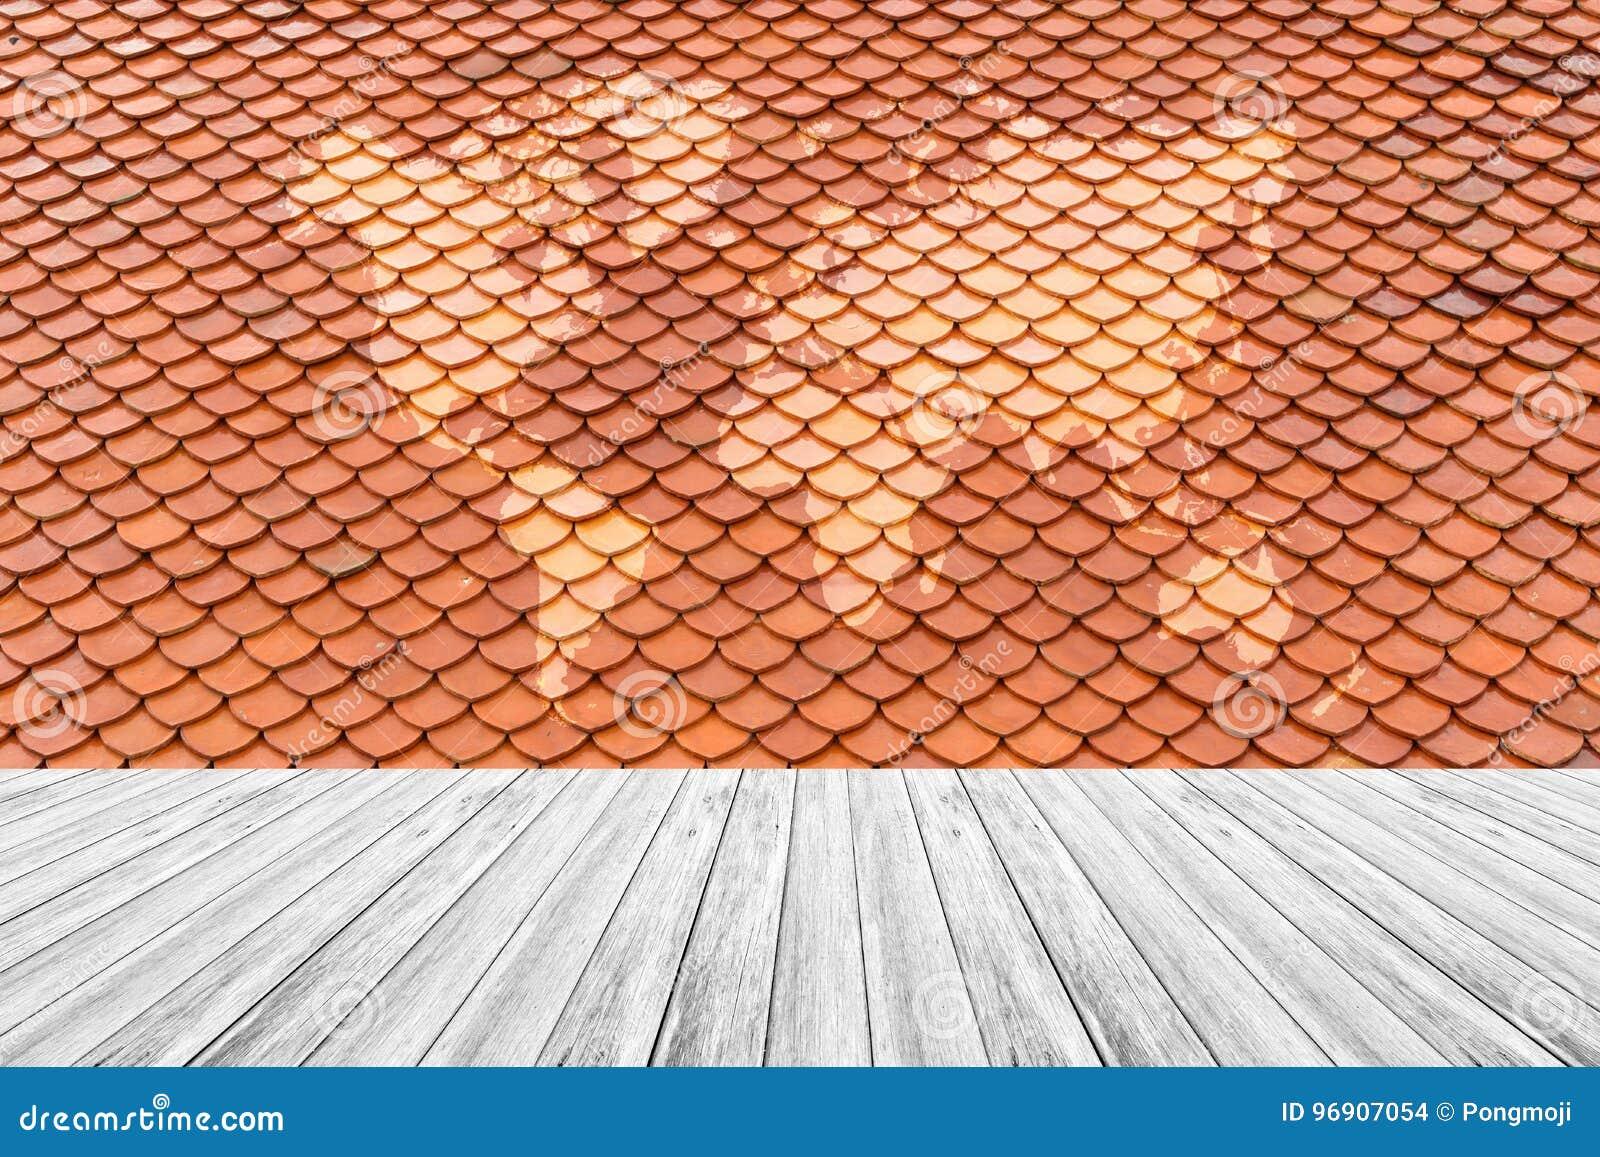 Textura Del Tejado De Teja Con La Terraza Y El Mapa Del